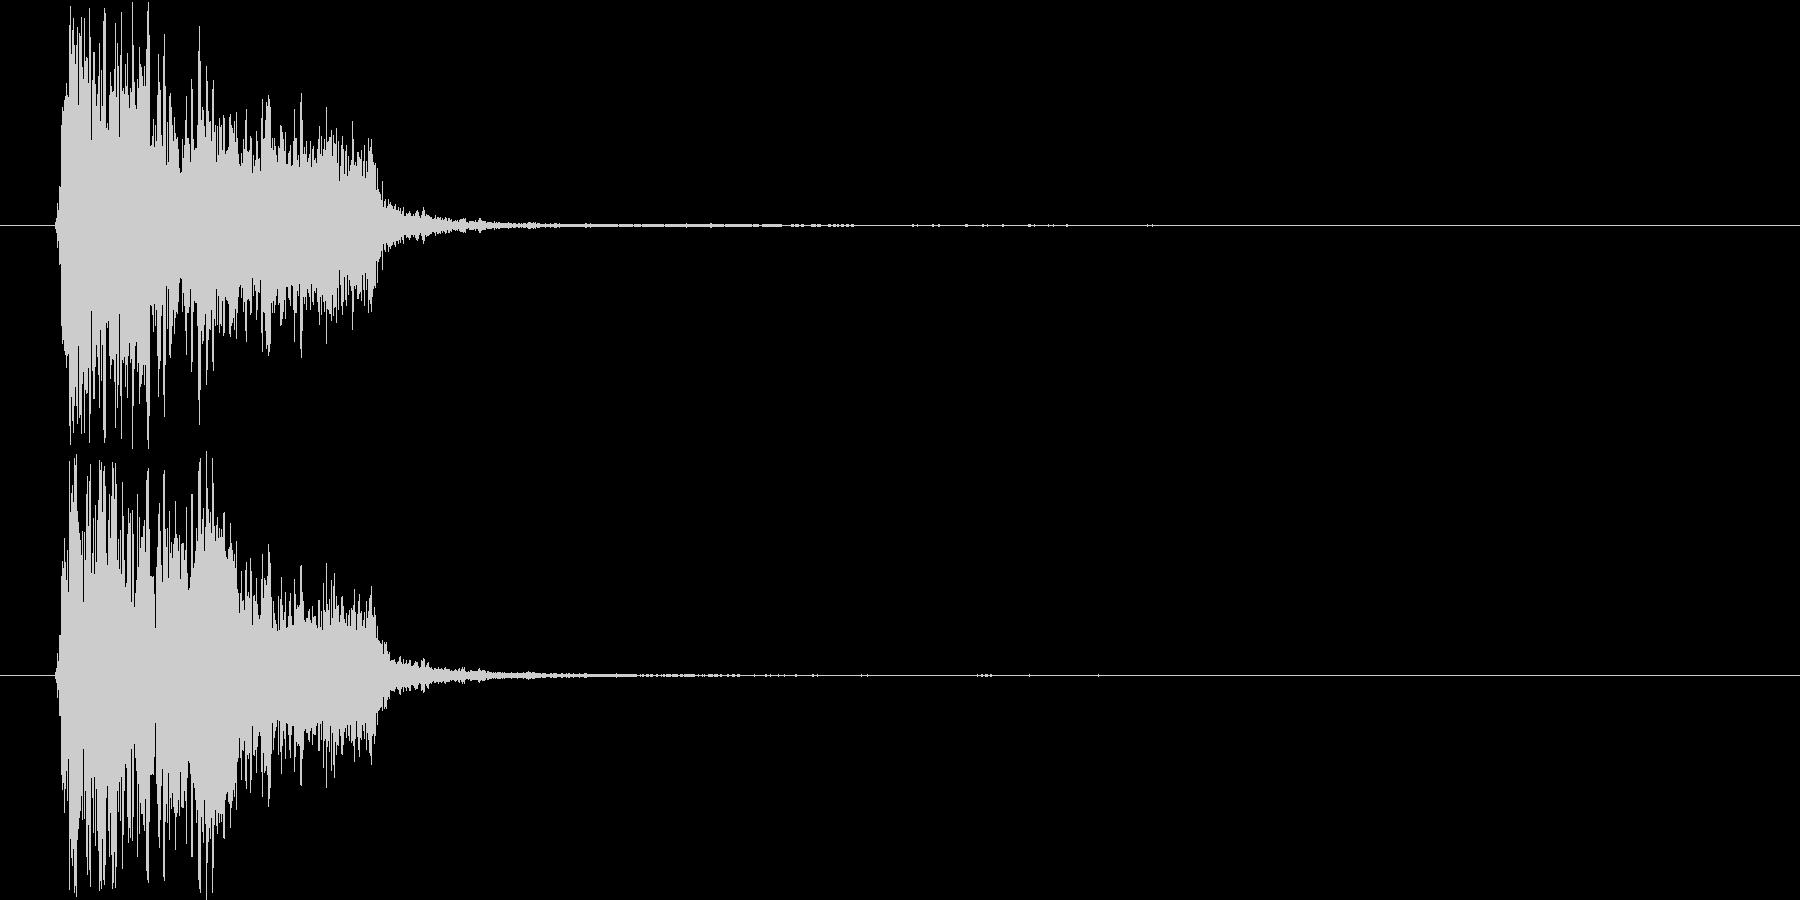 斬撃音3(大剣などの大きめの武器)の未再生の波形